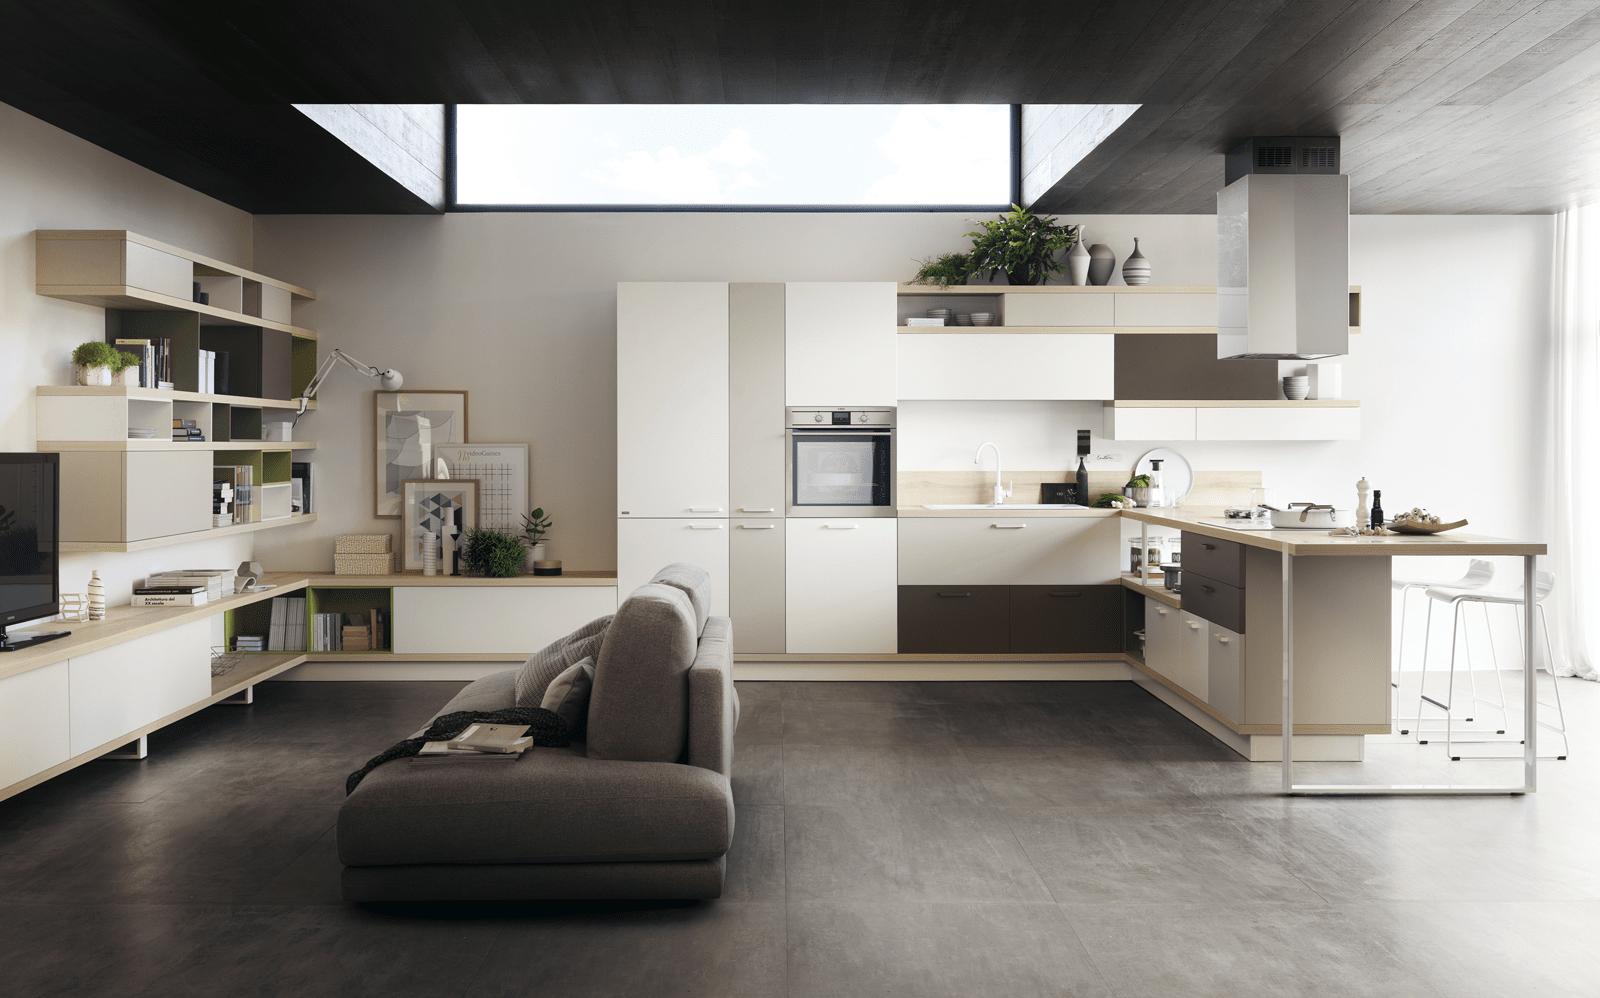 Penisola per la cucina non solo per dividere in zone - Cucine moderne total white ...